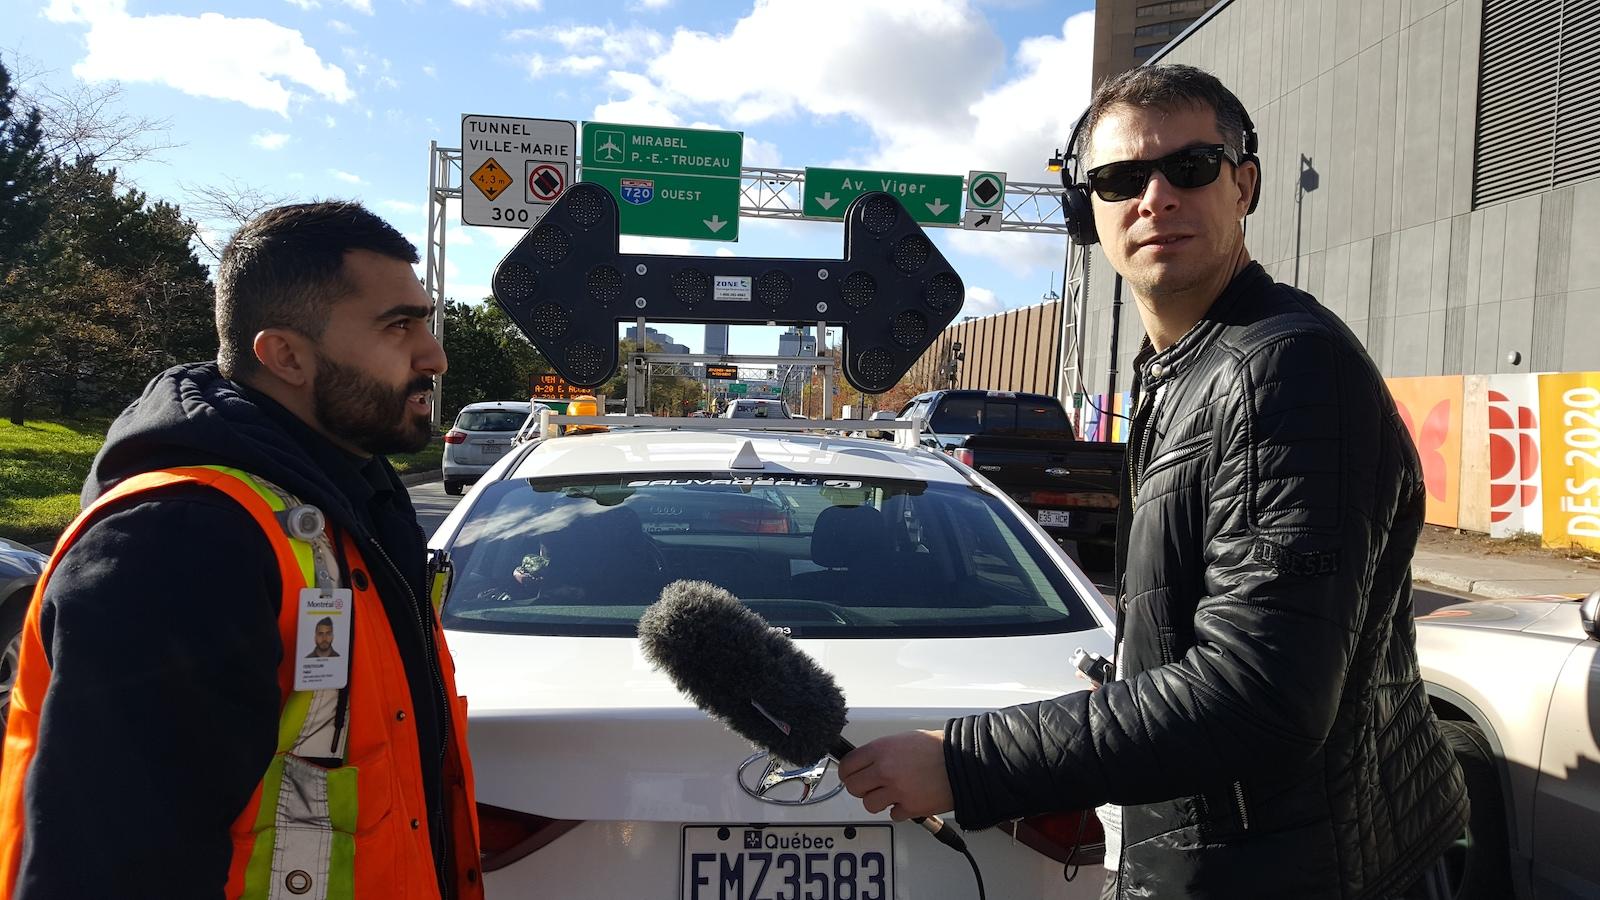 Un homme portant un dossard orange parle dans un micro tenu par un autre homme derrière une voiture portant un panneau lumineux stationnée dans une rue passante.